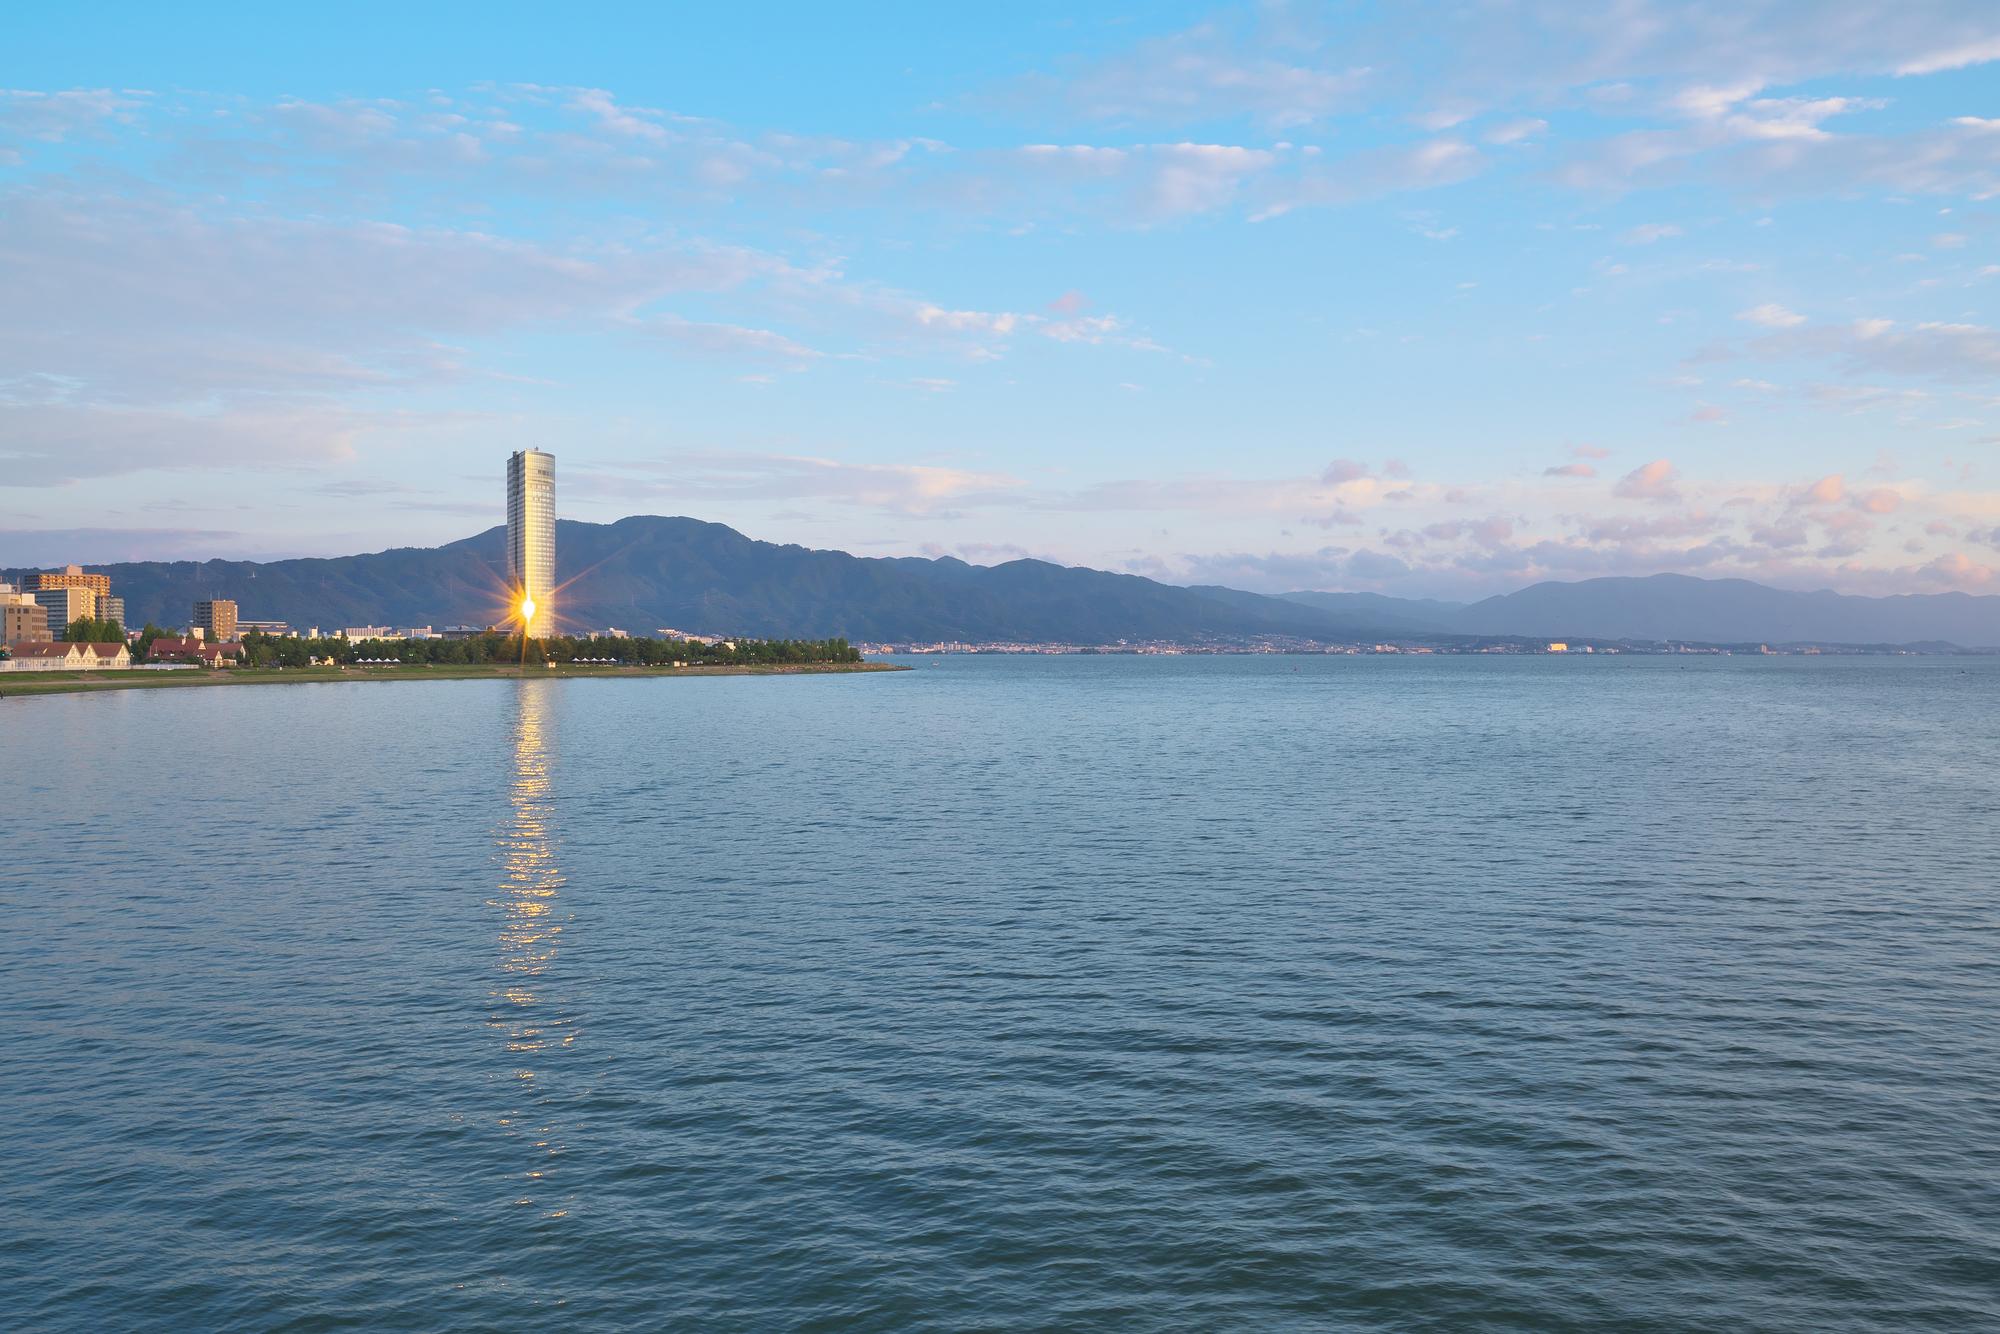 琵琶湖 大津市 滋賀県